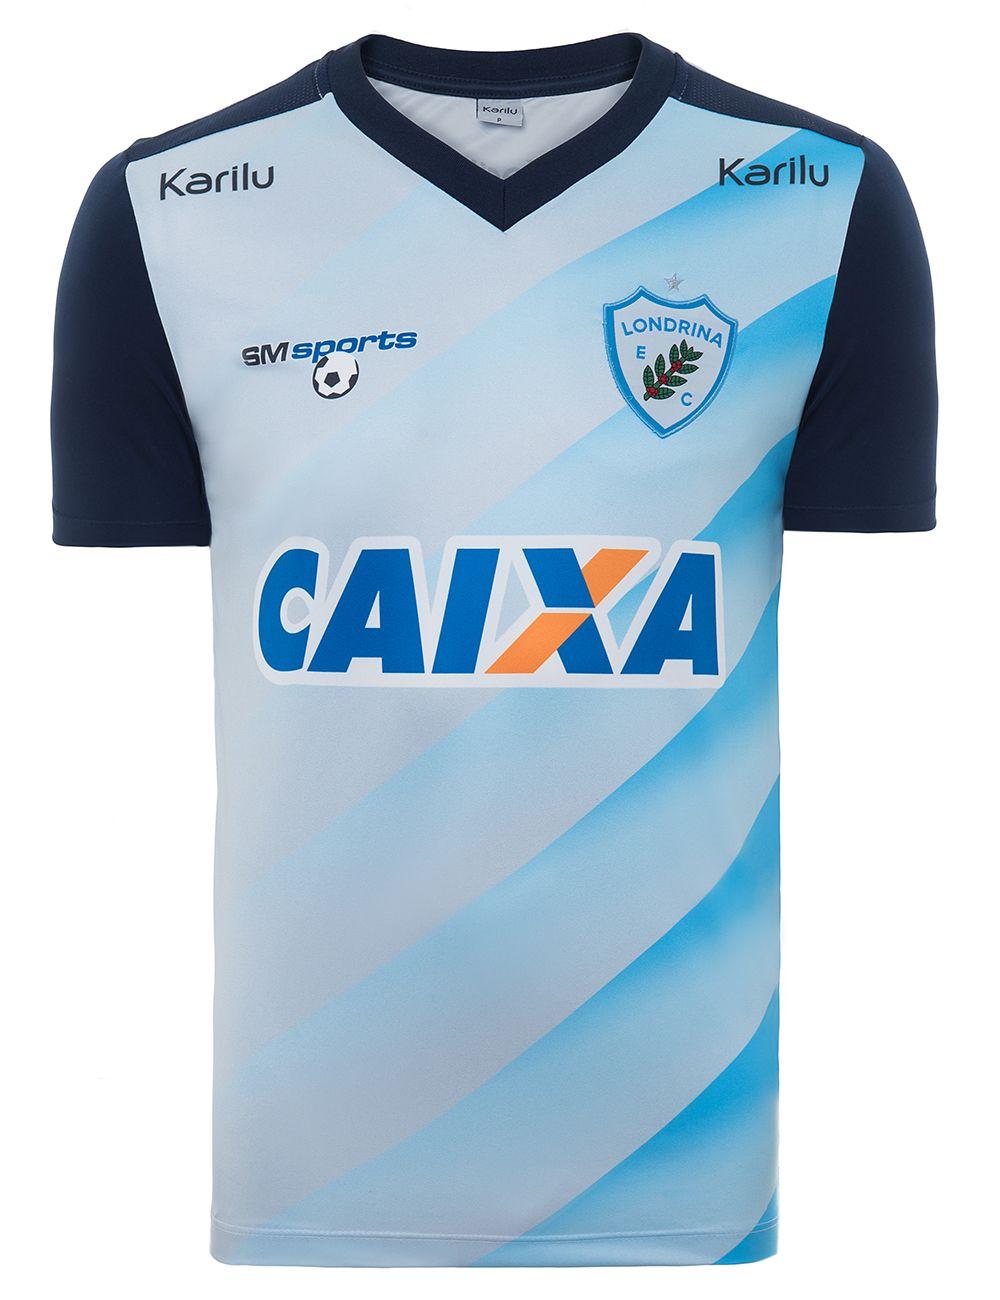 Camisa de Comissão Técnica - Londrina 2017 na Karilu b15953e5ce04f